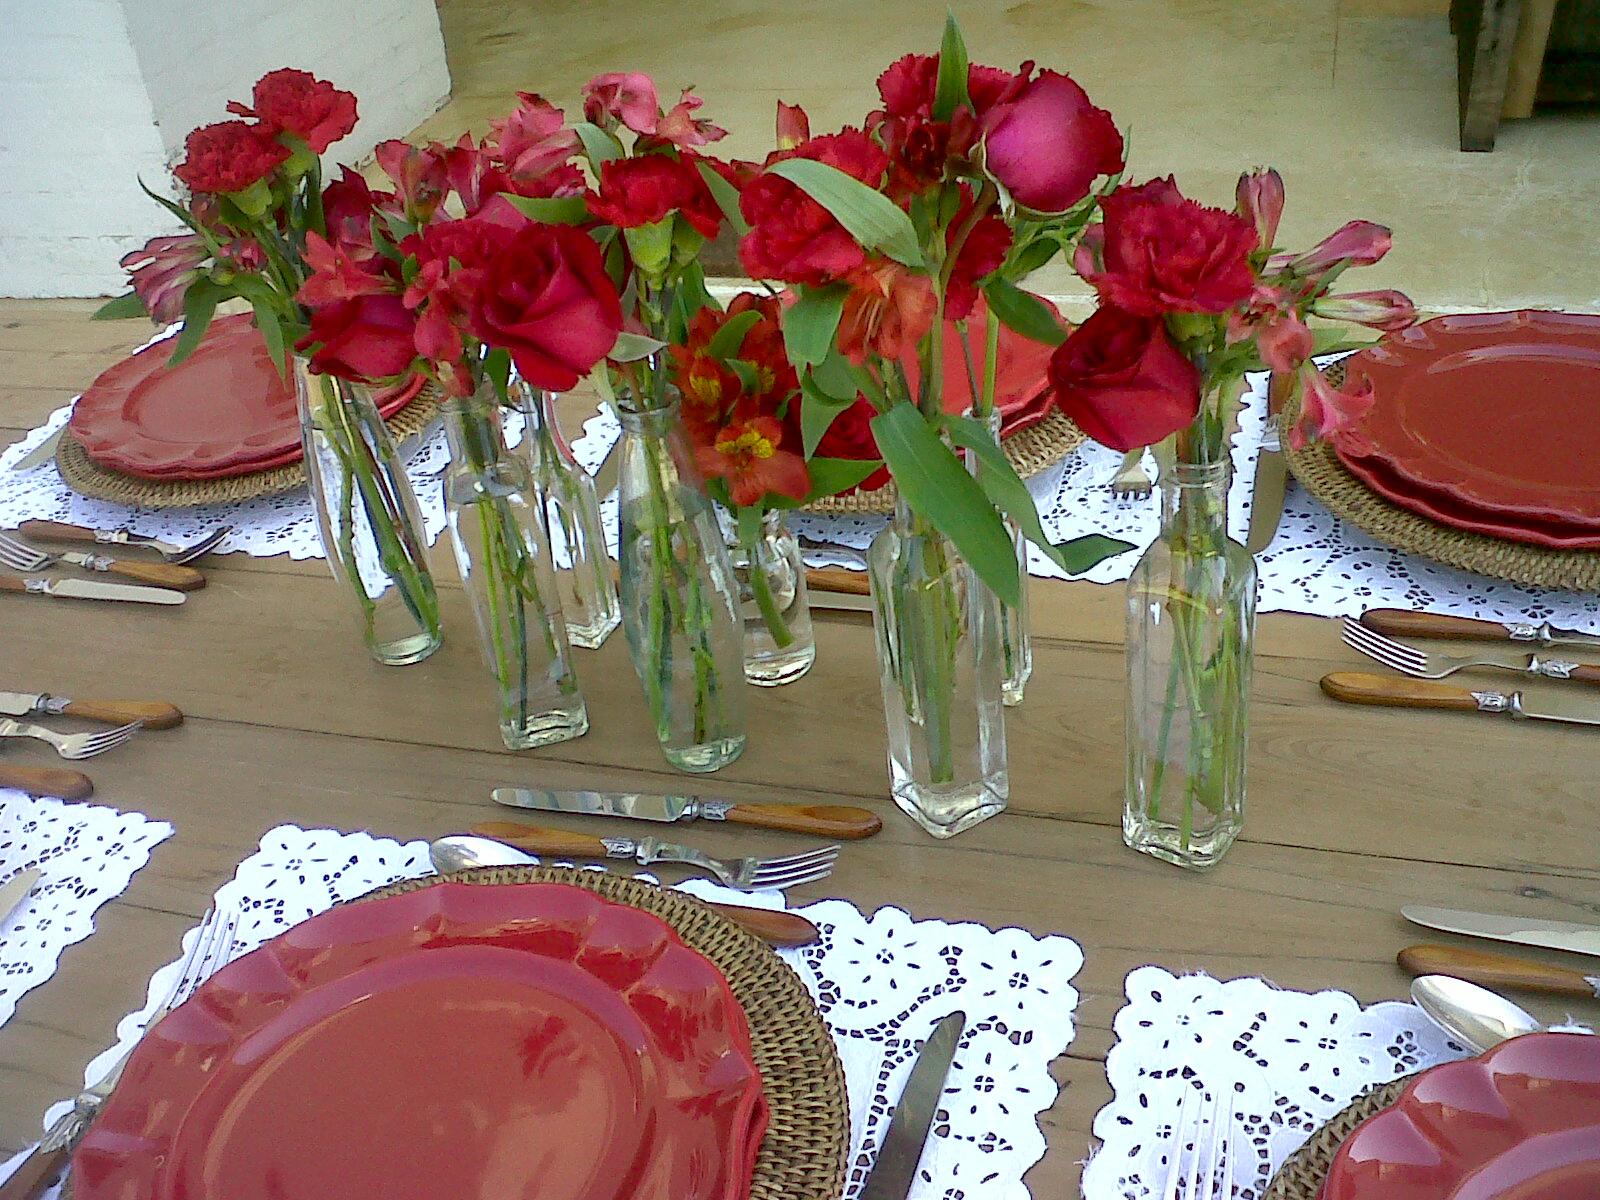 Para se inspirar decoraç u00e3o de mesa para dia das m u00e3es! Ale -> Decoração De Mesa Para Almoço Dia Das Mães